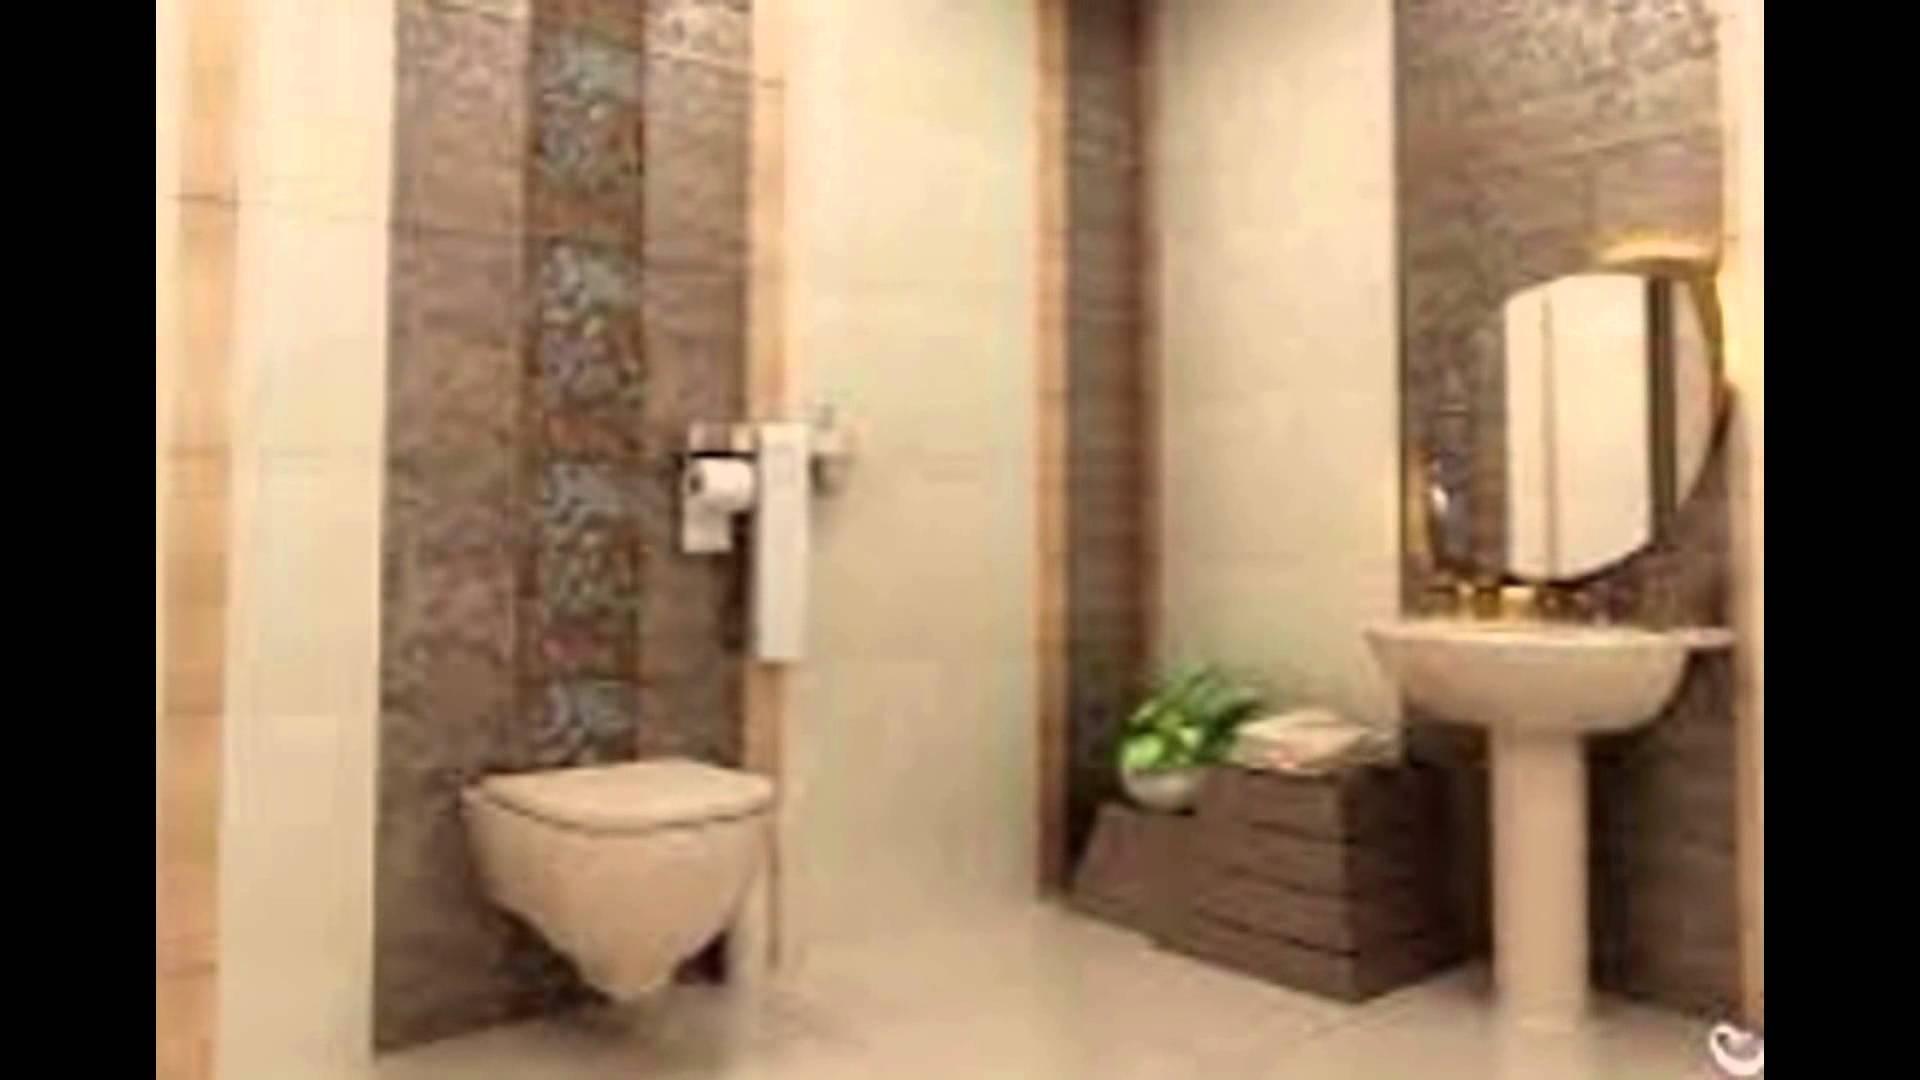 بالصور ديكور حمامات سيراميك , اجمل الديكورات السيراميك 2583 5